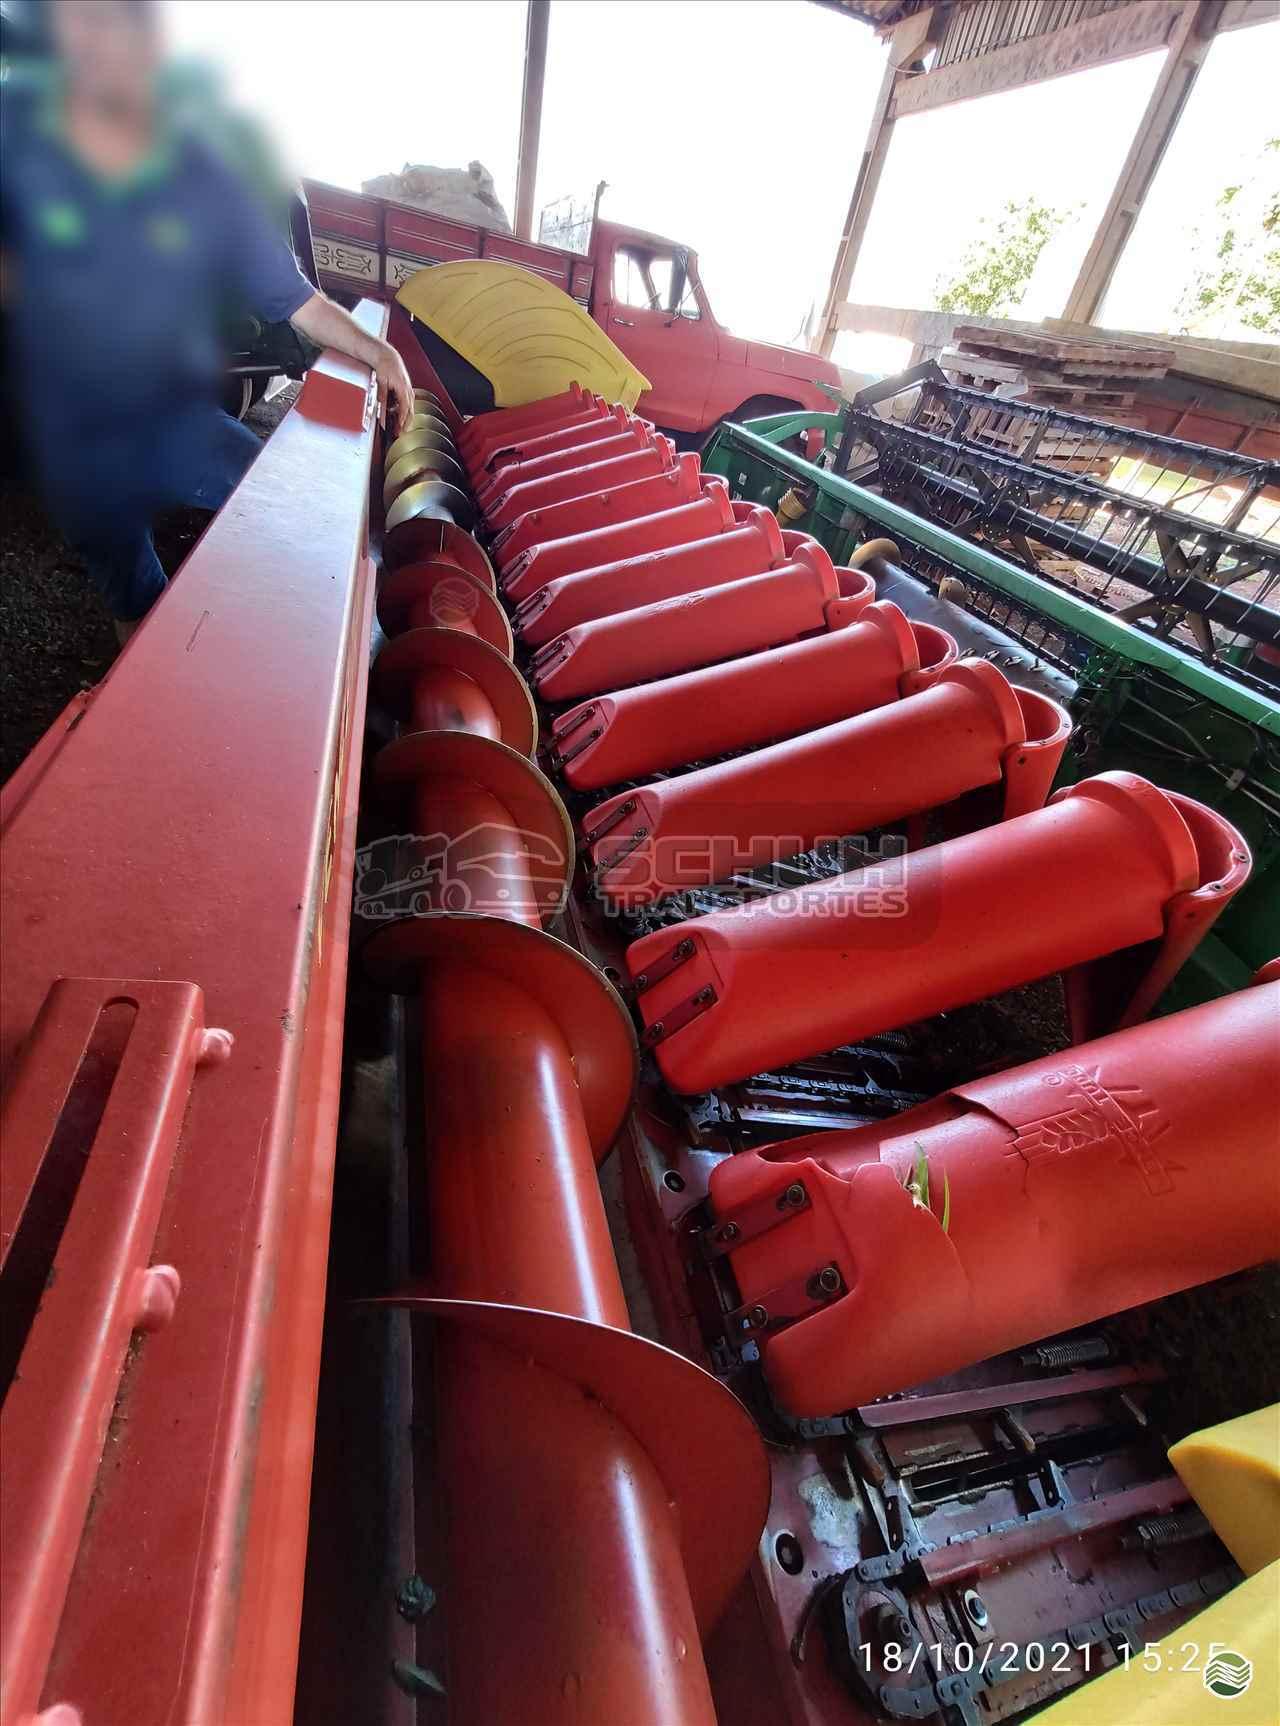 BOCUDA 6910 de Schuh Transportes e Vendas Agrícolas - MARECHAL CANDIDO RONDON/PR